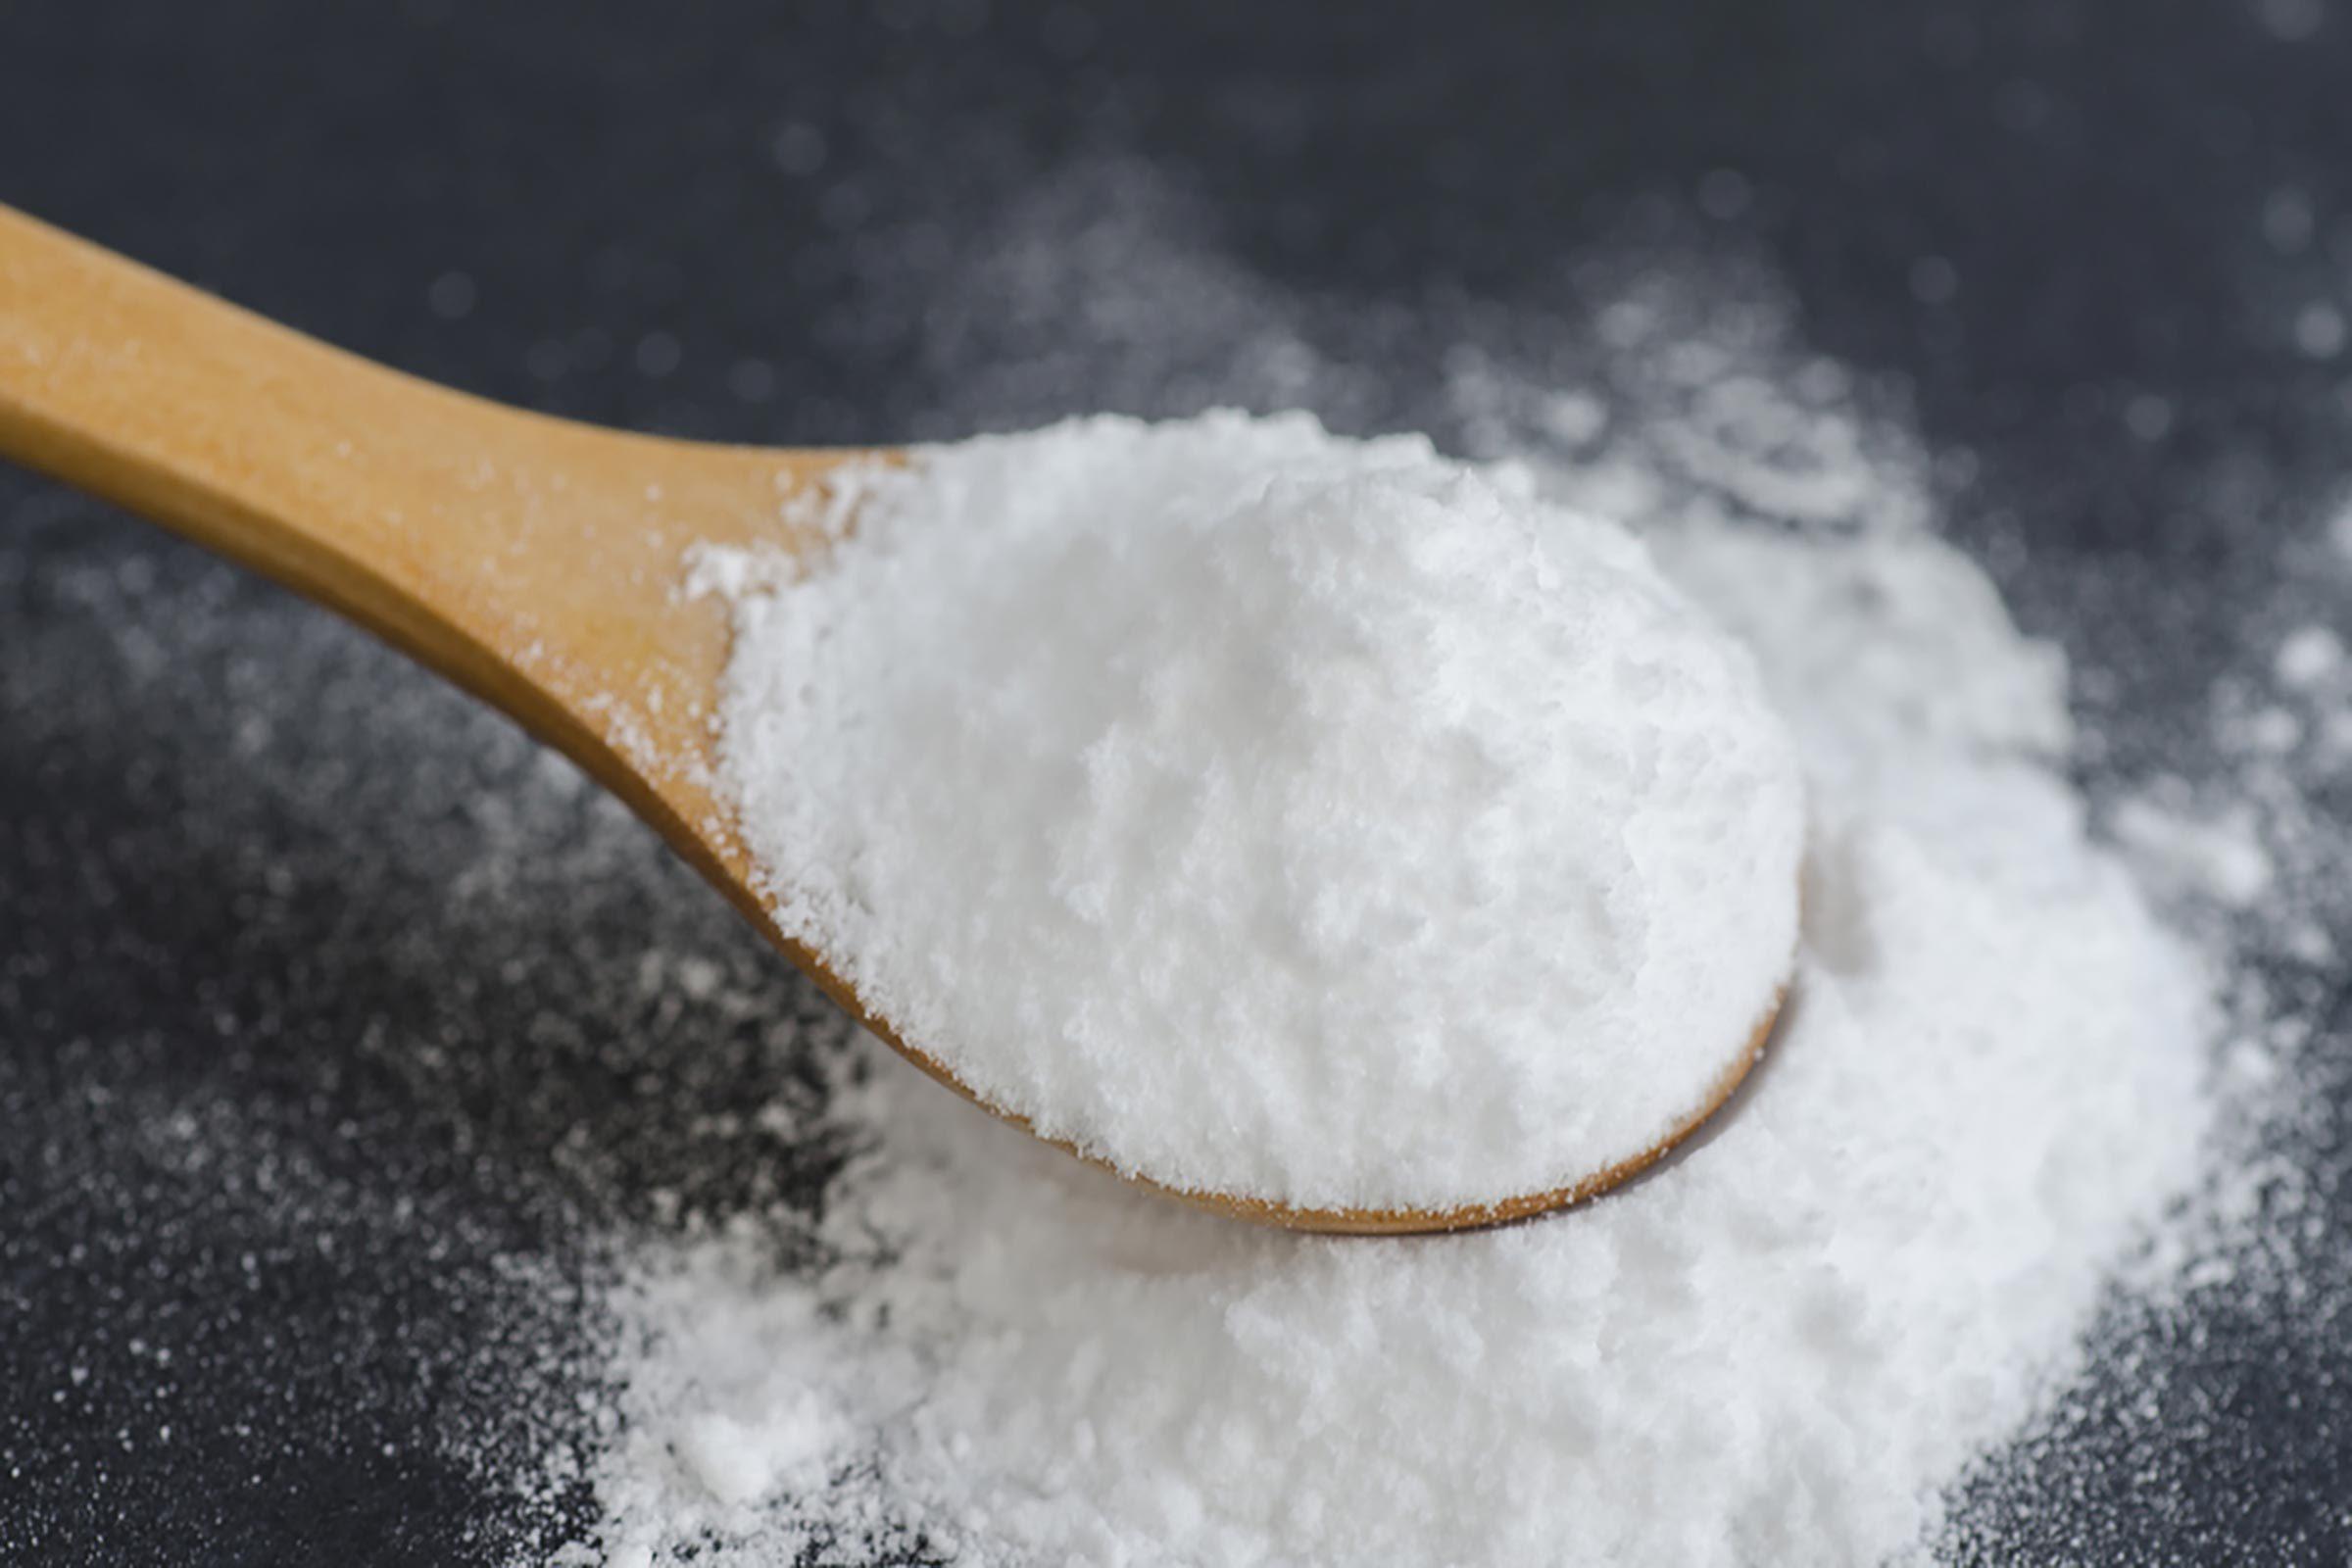 baking soda in a spoon